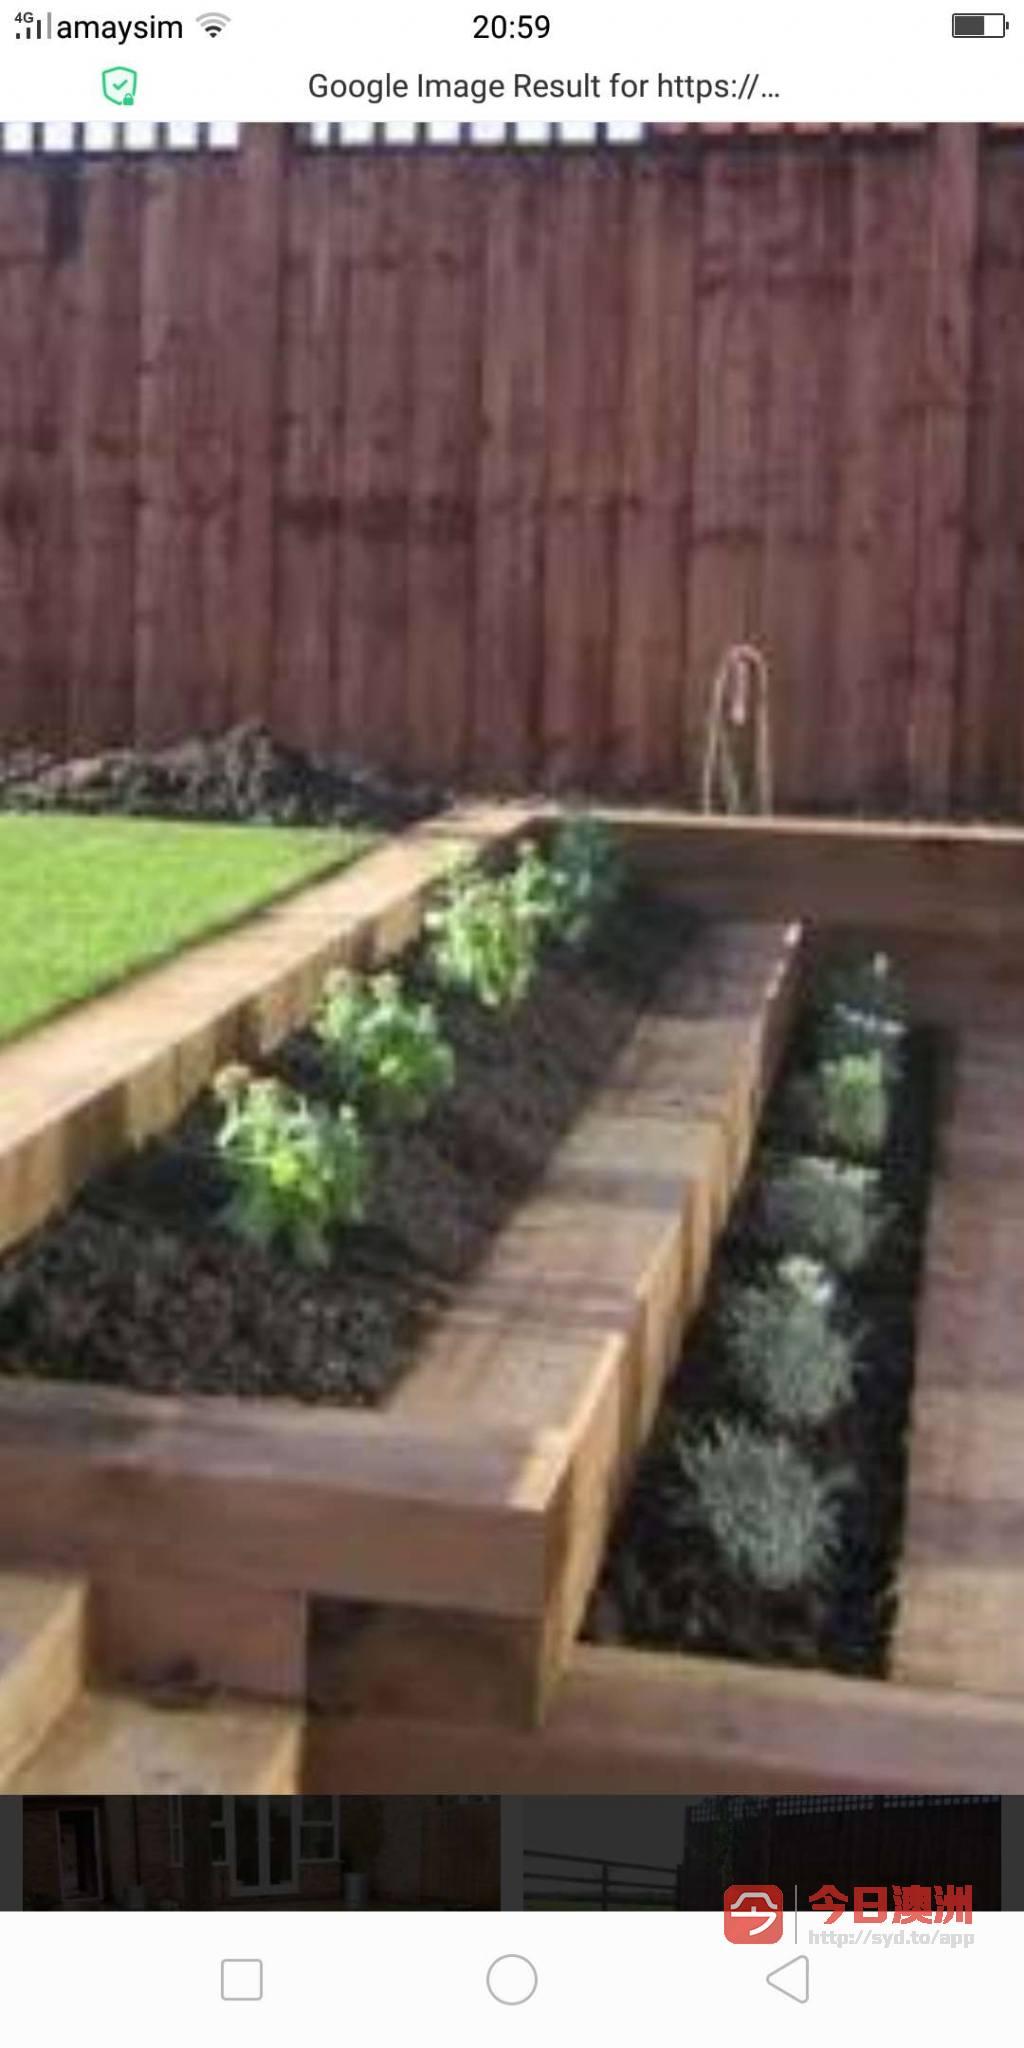 花园修剪设计施工挡土墙围墙凉棚砍树印花水泥铺草坪地砖高压清洗铺地板印花水泥房屋改建